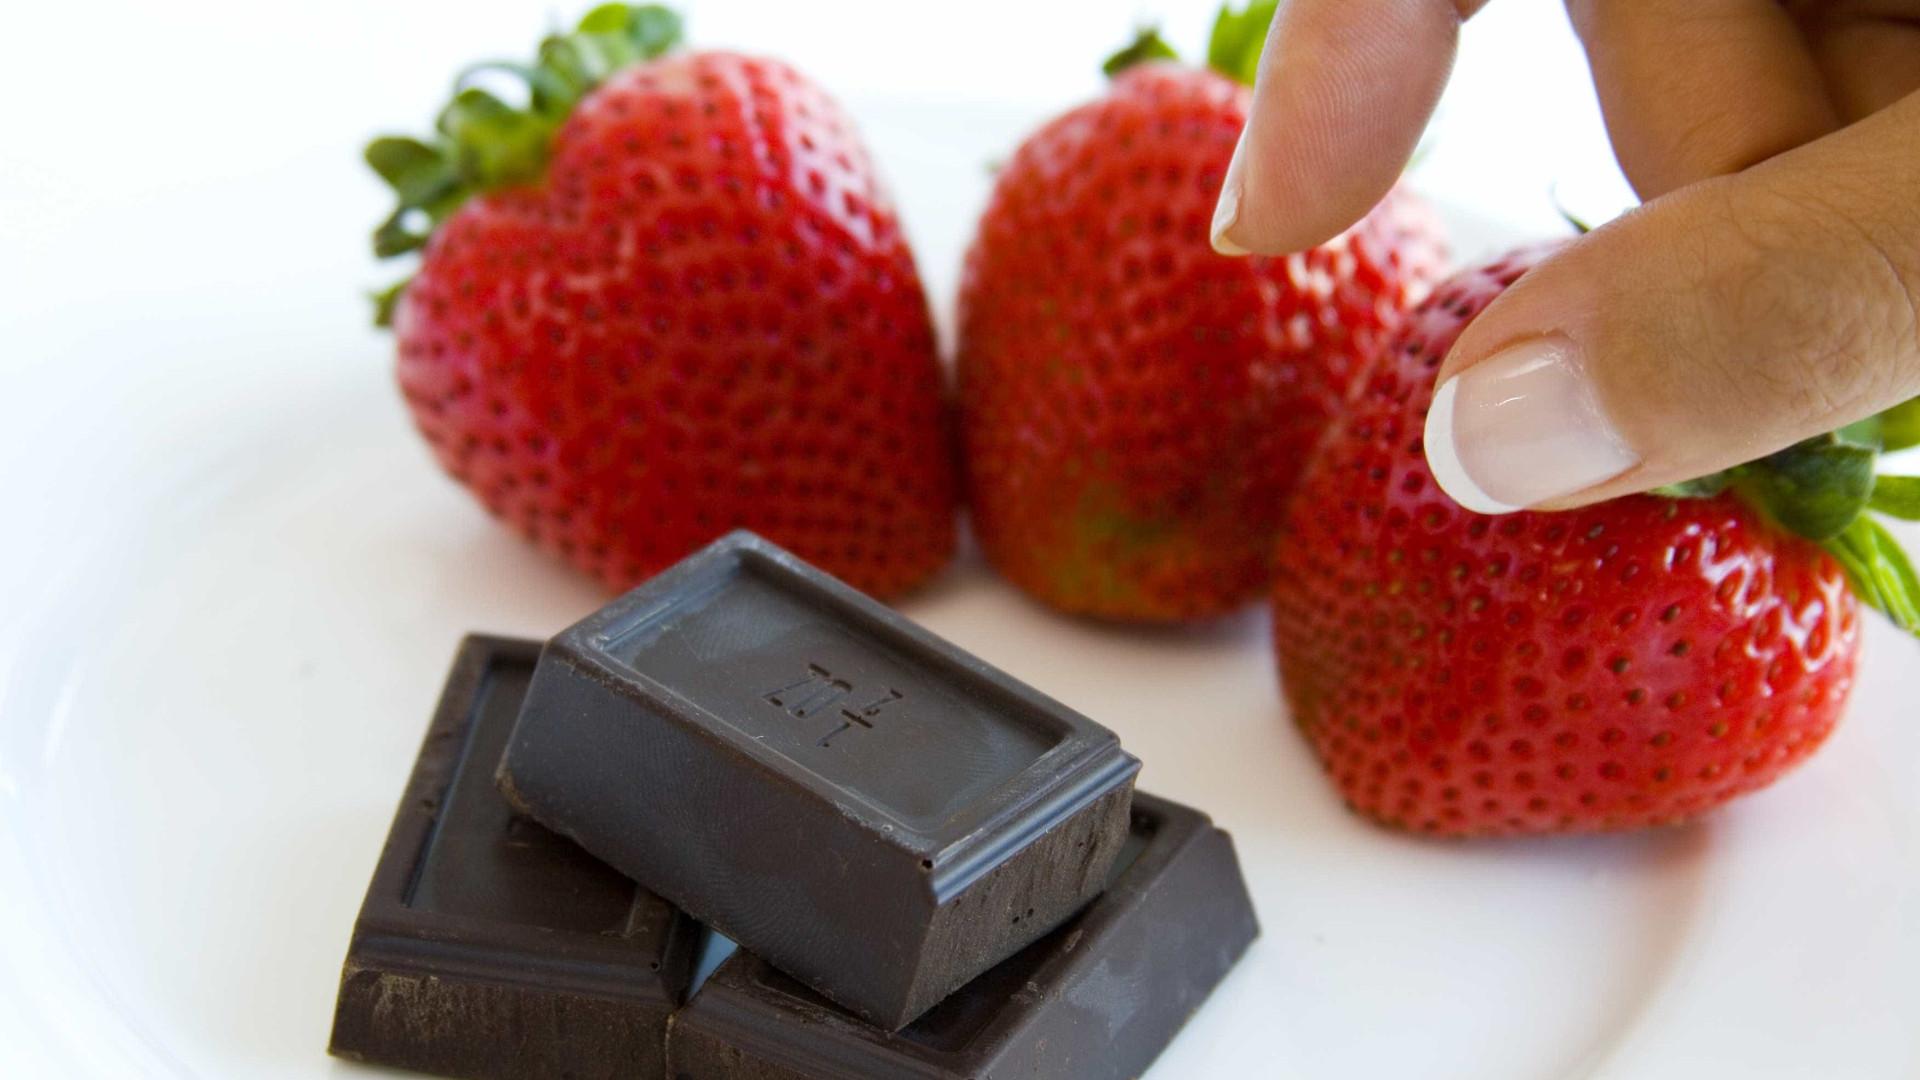 Veja alguns alimentos afrodisíacos que podem despertar a libido